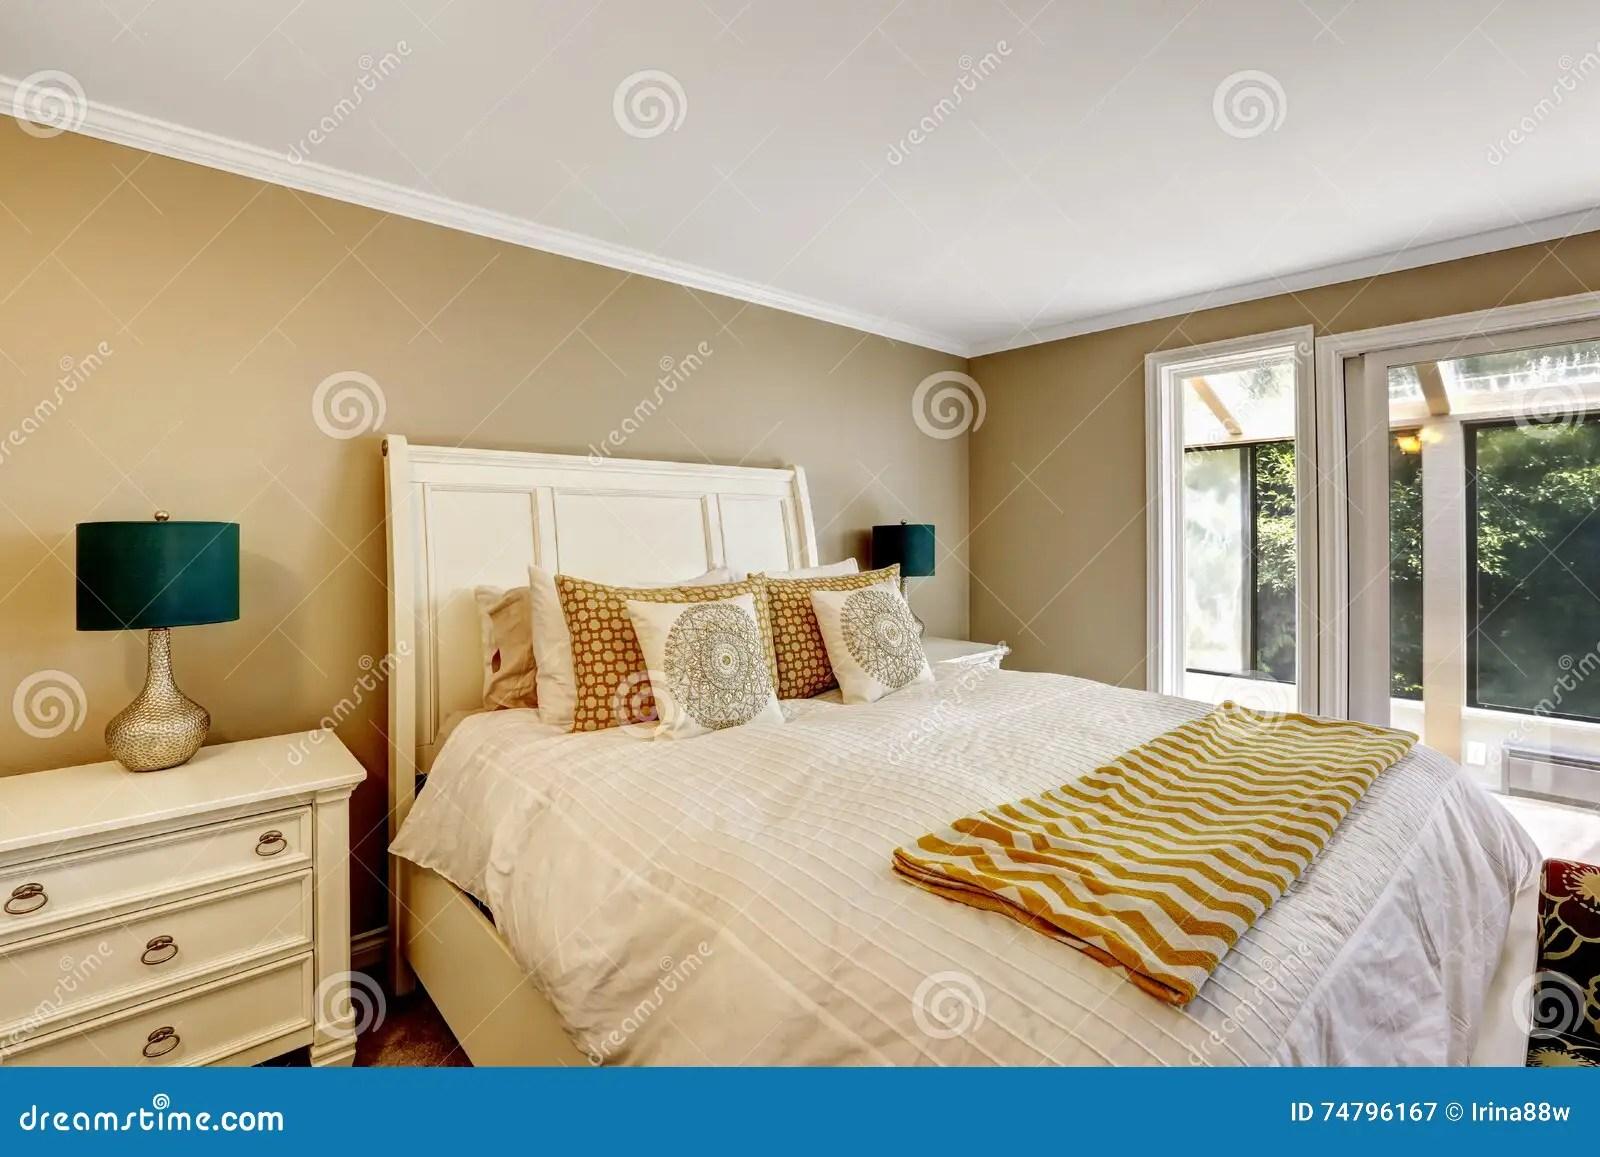 Camera da letto completa 5 pezzi. Camera Da Letto Elegante In Stile Americano Con Letto Matrimoniale Bianco Immagine Stock Immagine Di Libero Copertina 74796167